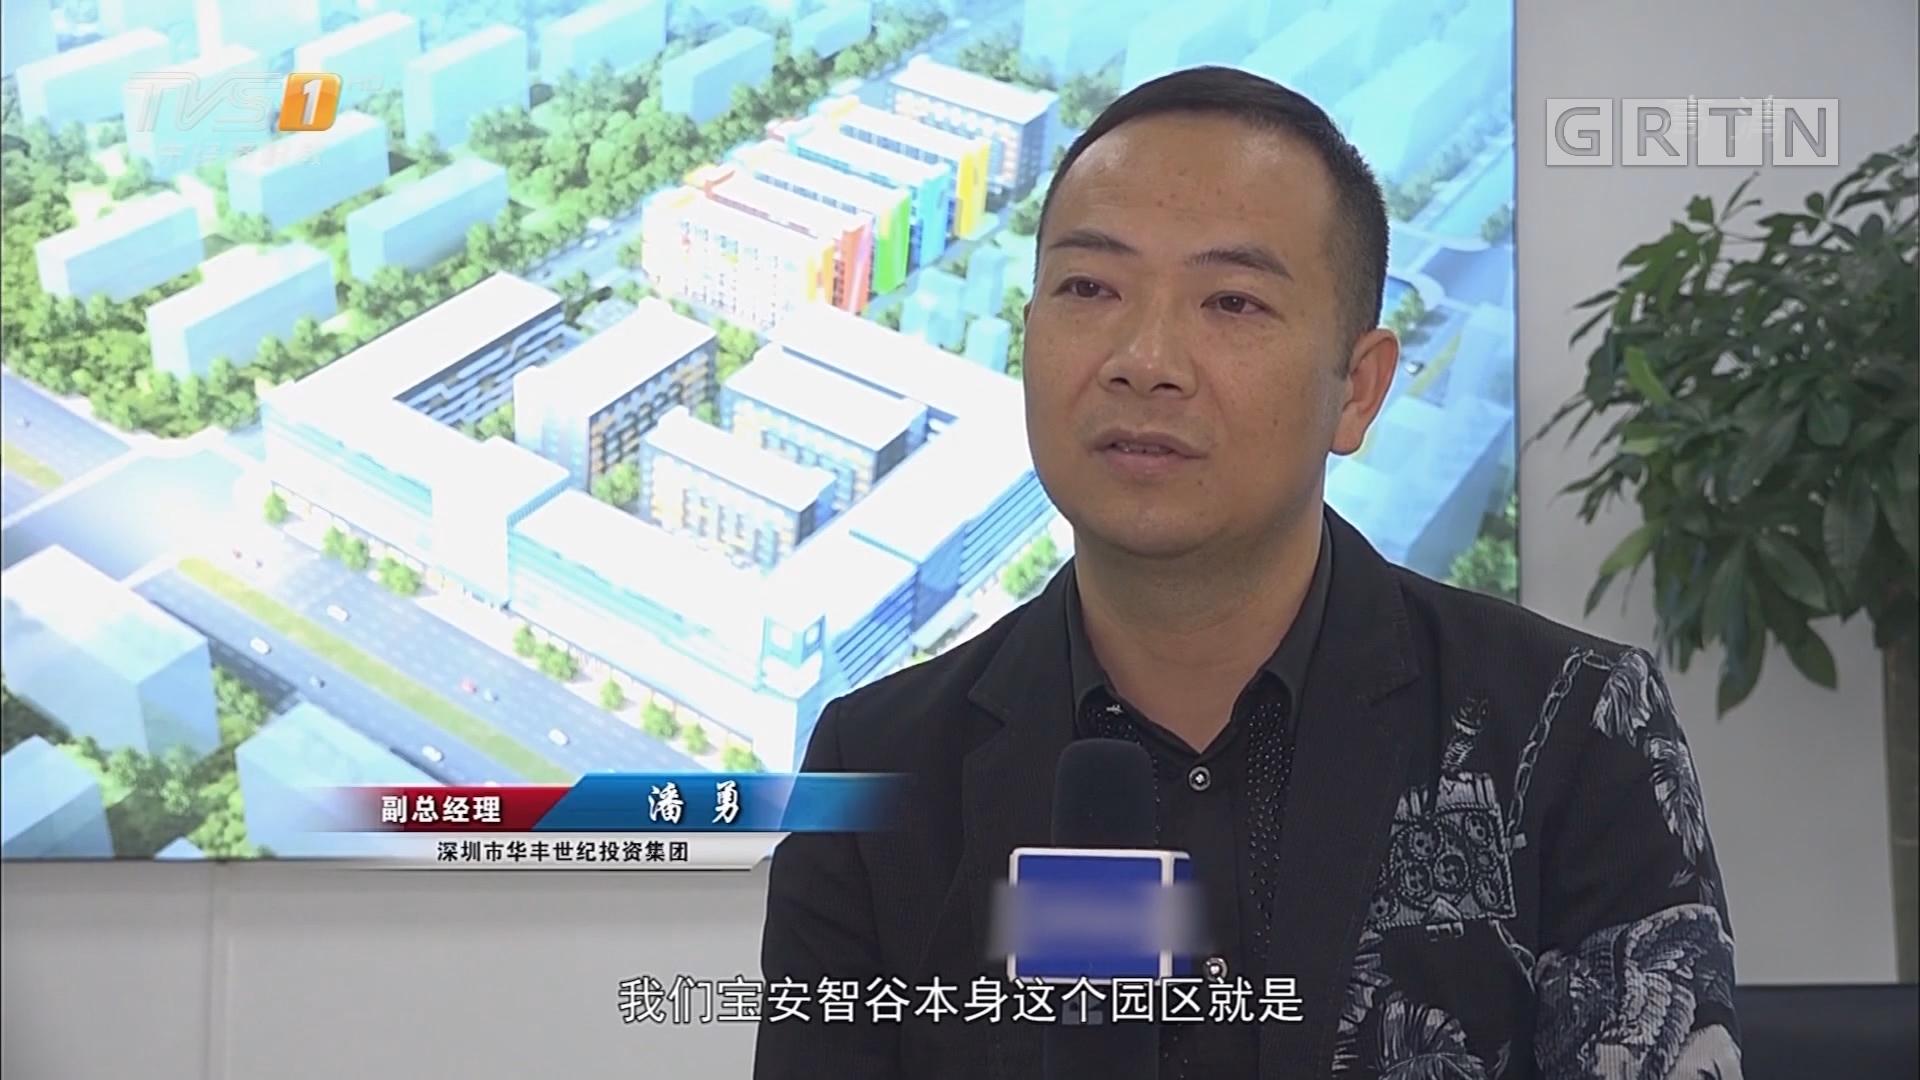 [HD][2019-01-12]广东新焦点:致敬改革开放40周年 品牌深圳